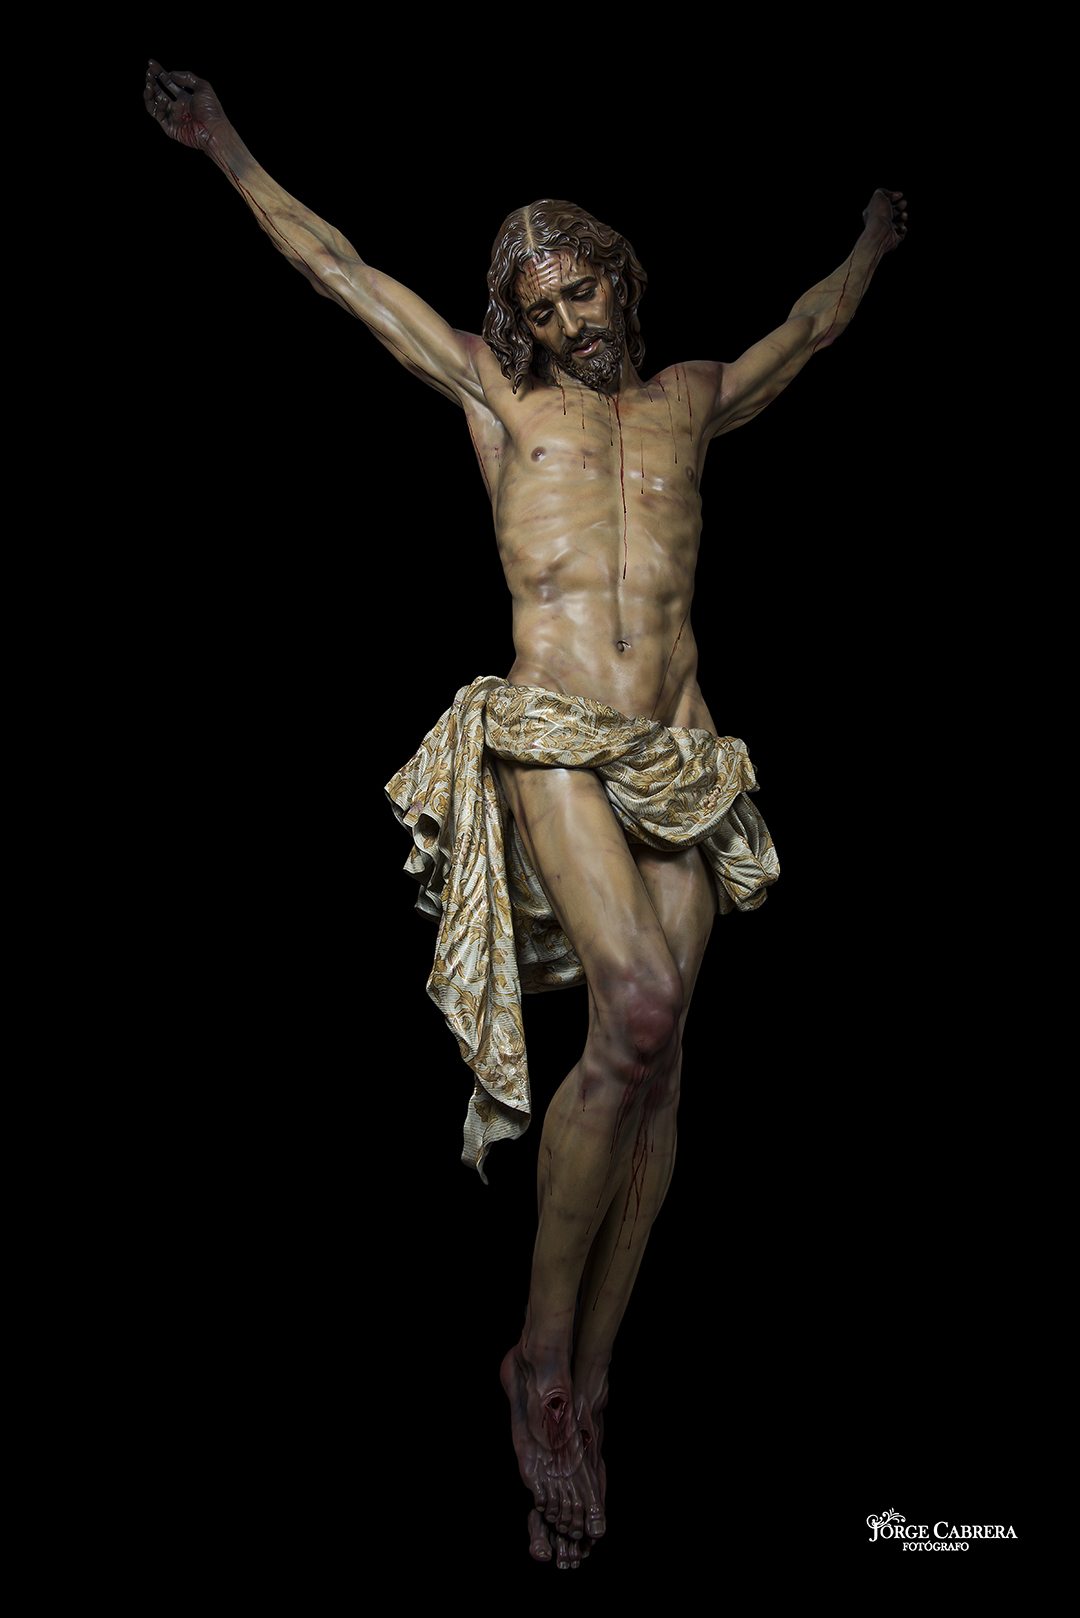 Cristo crucificado